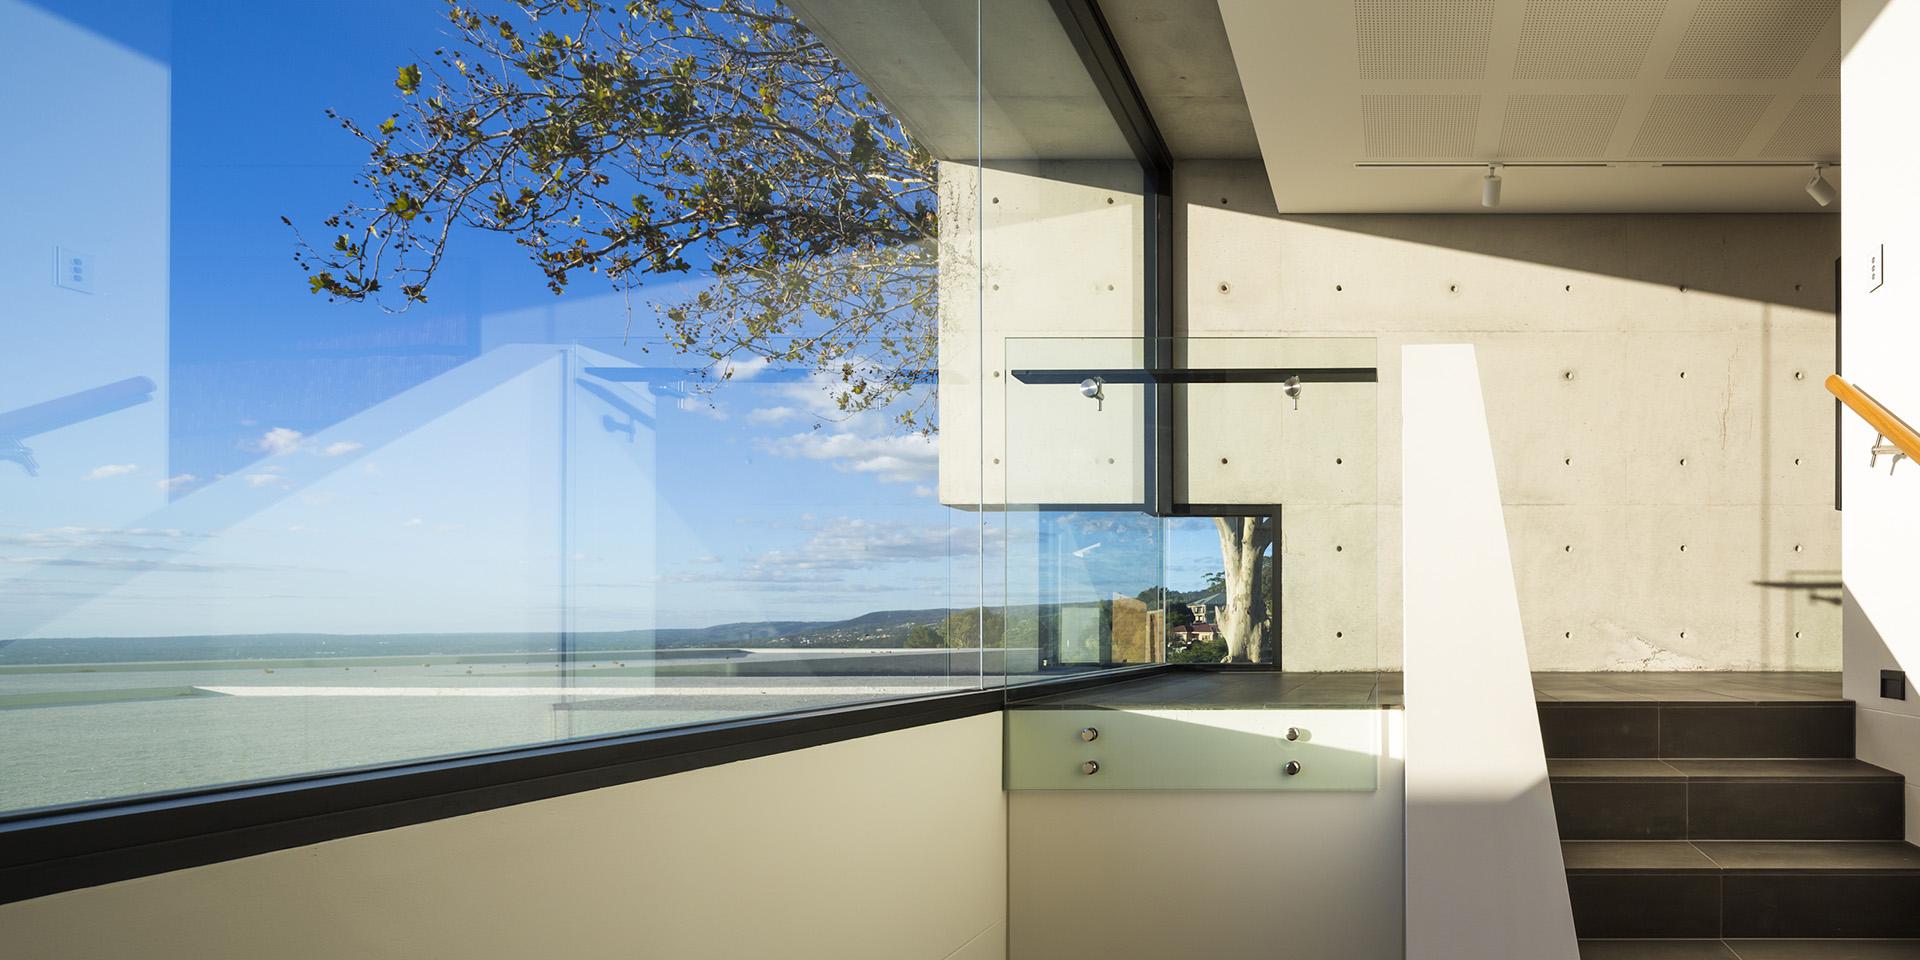 krivic-built-glen-osmond-interior1.jpg